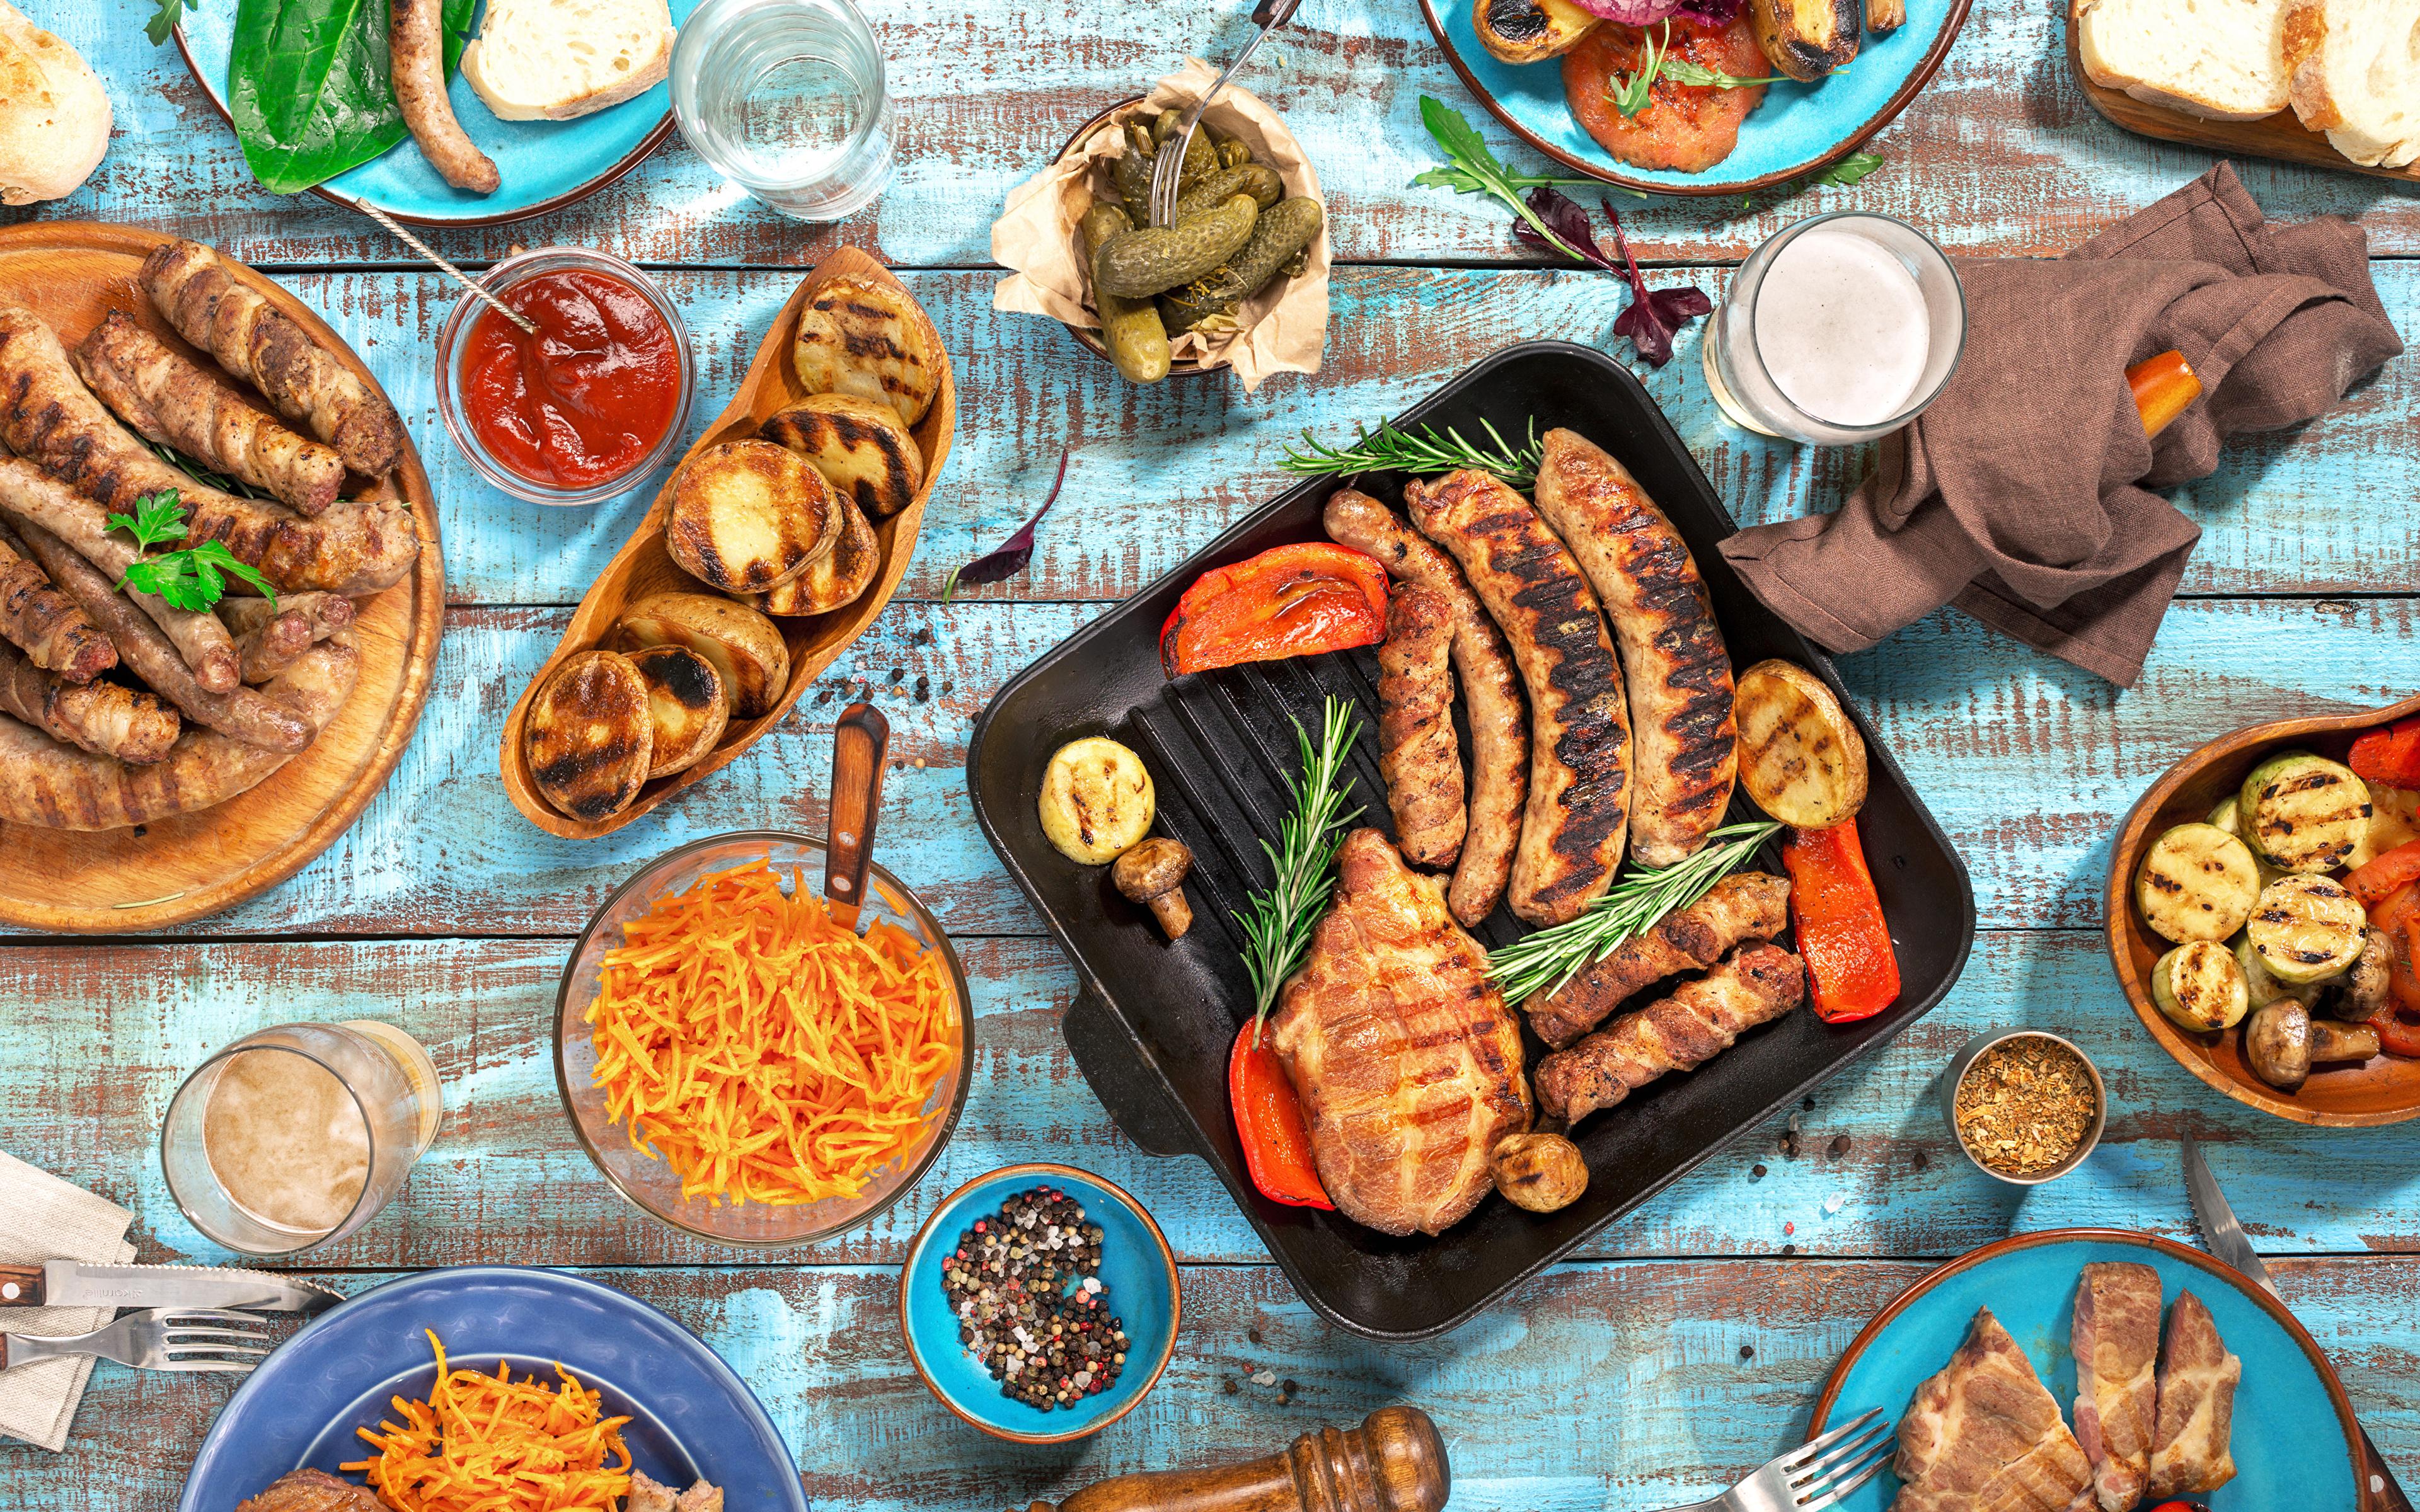 Картинки кетчупа стакане Сосиска Еда Овощи пряности Сервировка Мясные продукты Доски Напитки 3840x2400 Стакан Кетчуп стакана кетчупом Пища Специи приправы Продукты питания накрытия стола напиток